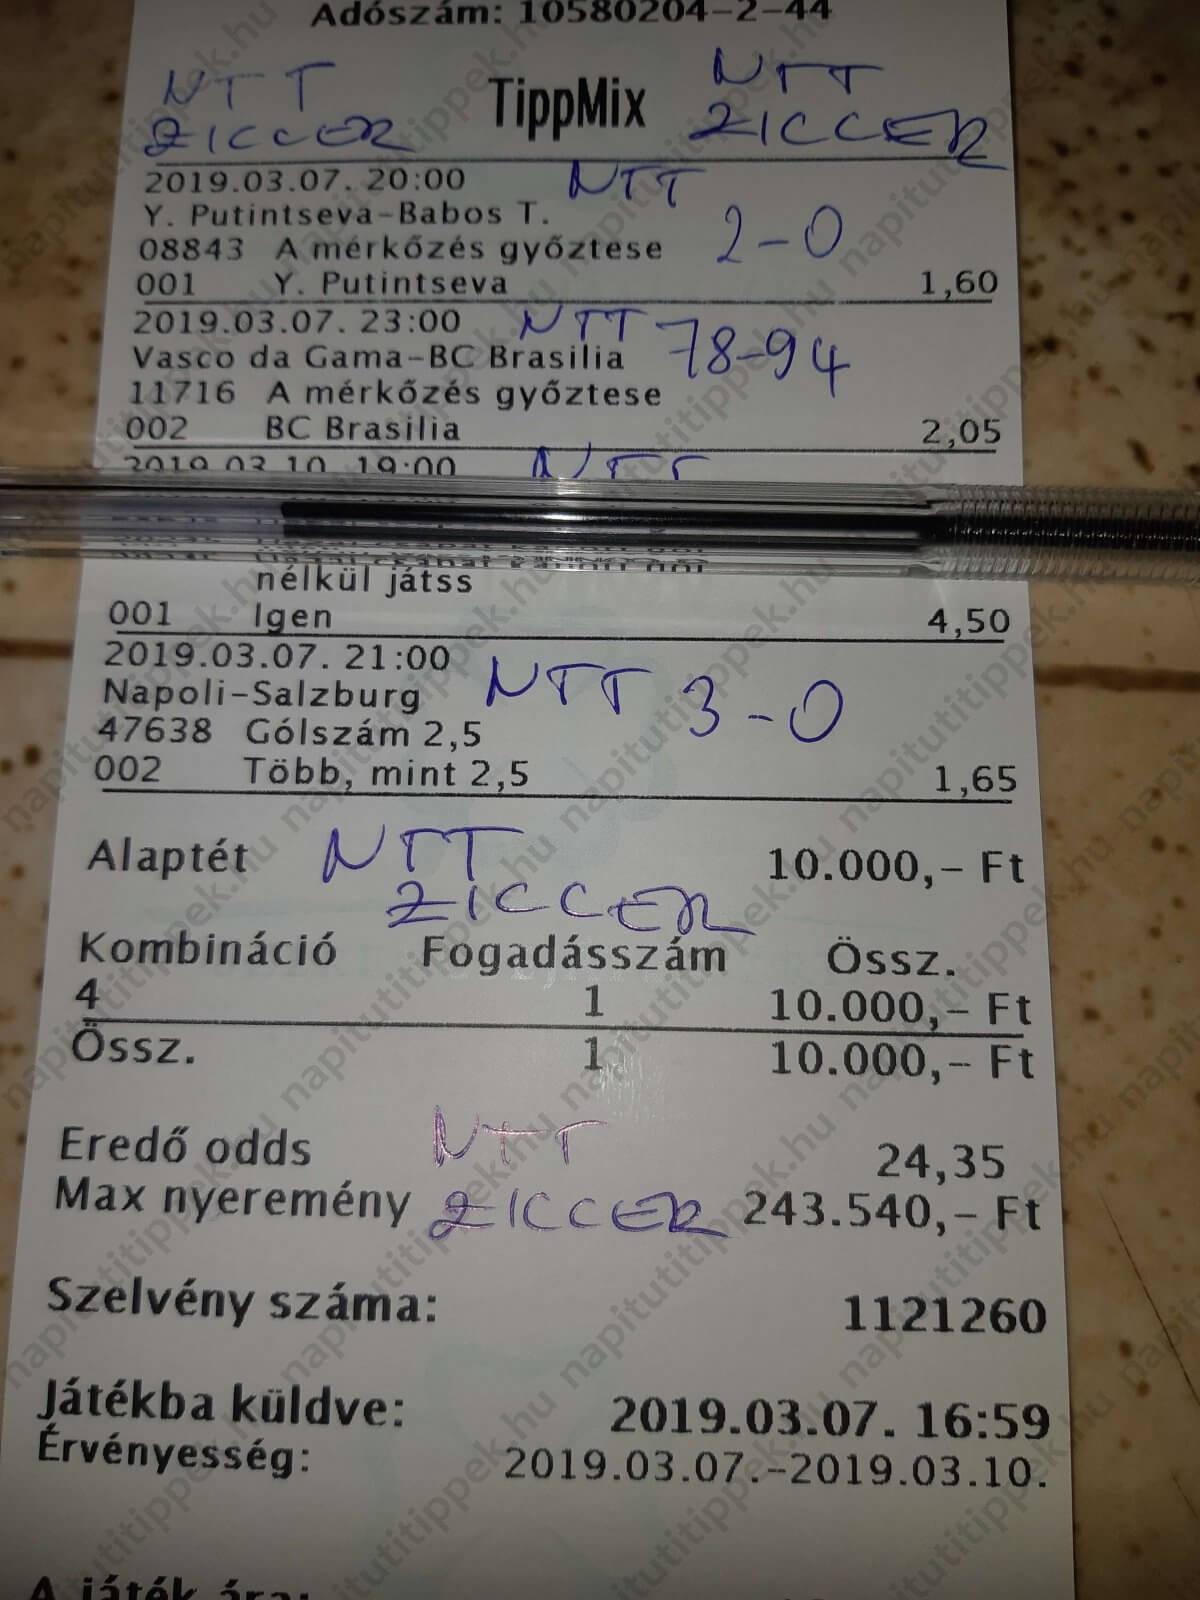 Ziccer komplett Tippmix szelvényötletek: Tippmix tippek, mérkőzés elemzések, statisztikai adatok. Napi ingyenes tippek. Csatlakozz Magyarország legsikeresebb sportfogadó csapatához!